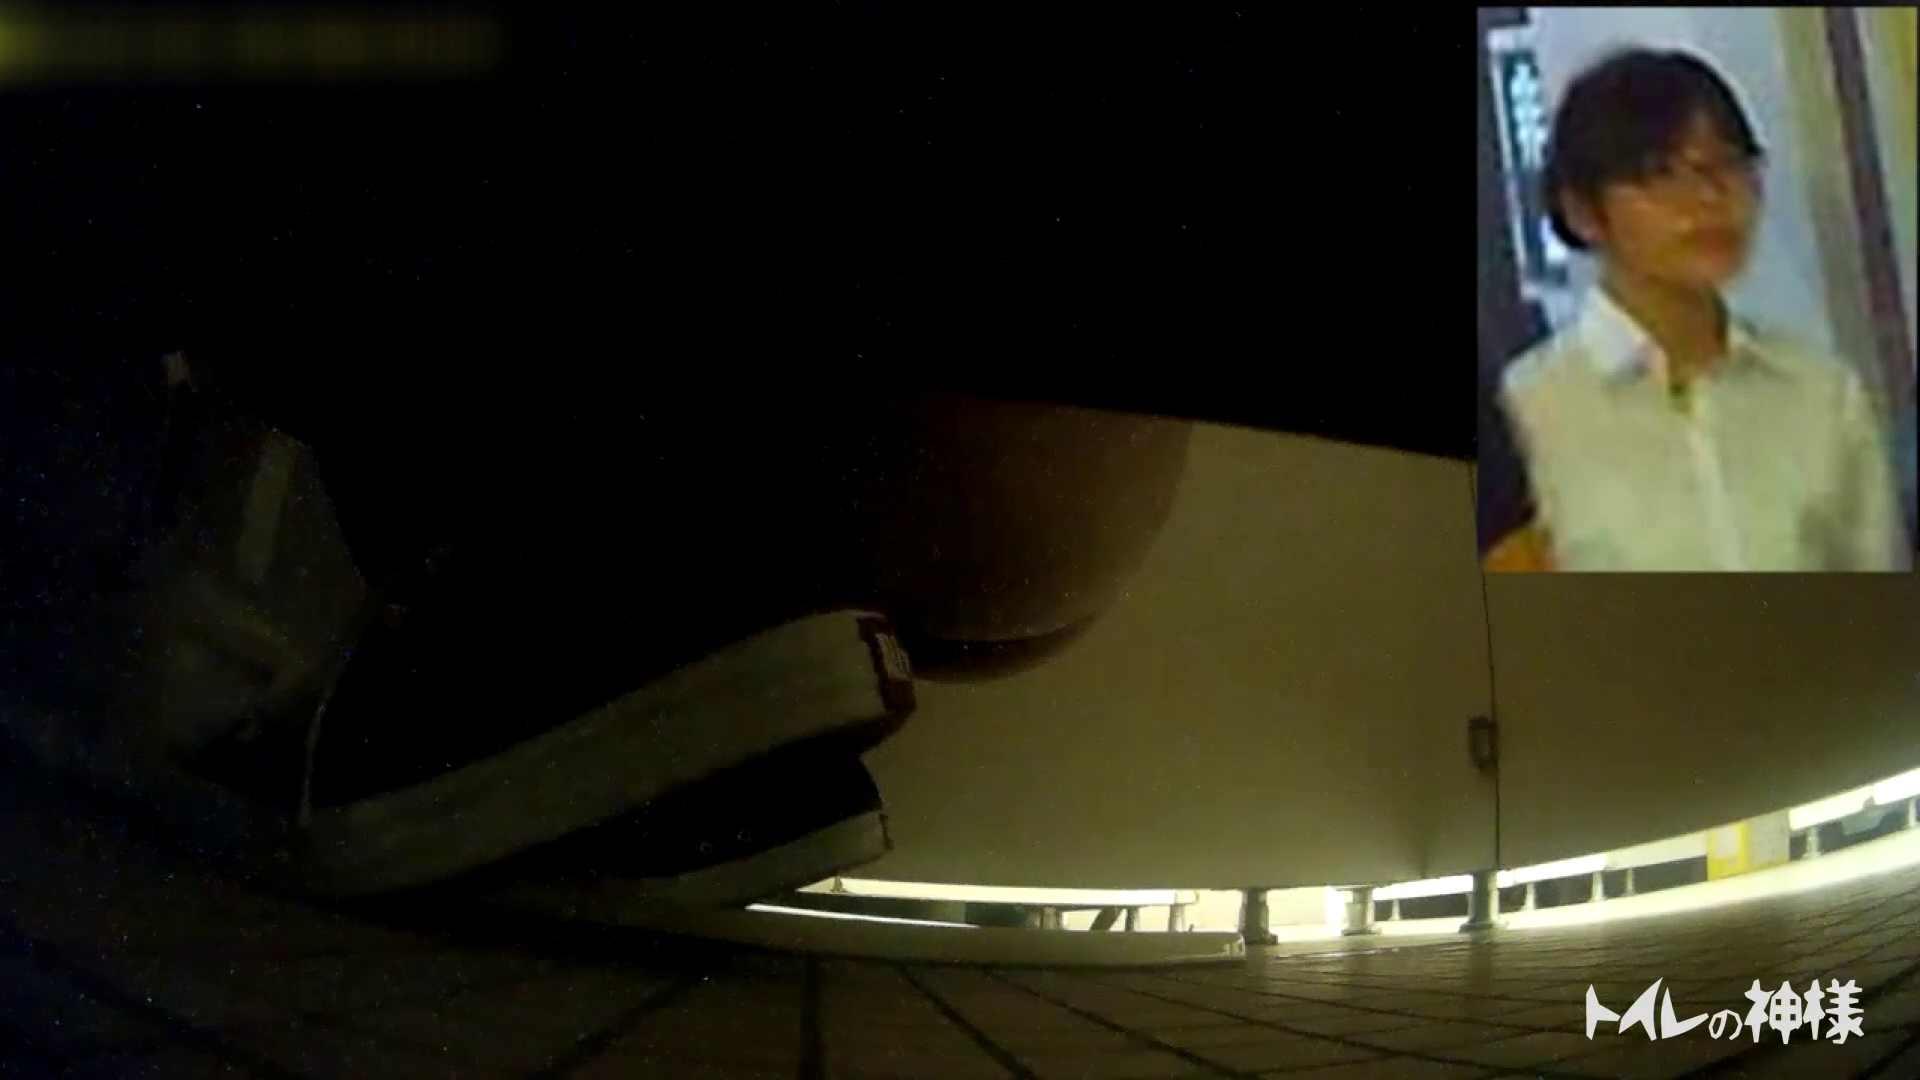 無修正エロ動画|▲2017_28位▲ ビアガーデン!美人が6人!トイレの神様 Vol.11|怪盗ジョーカー